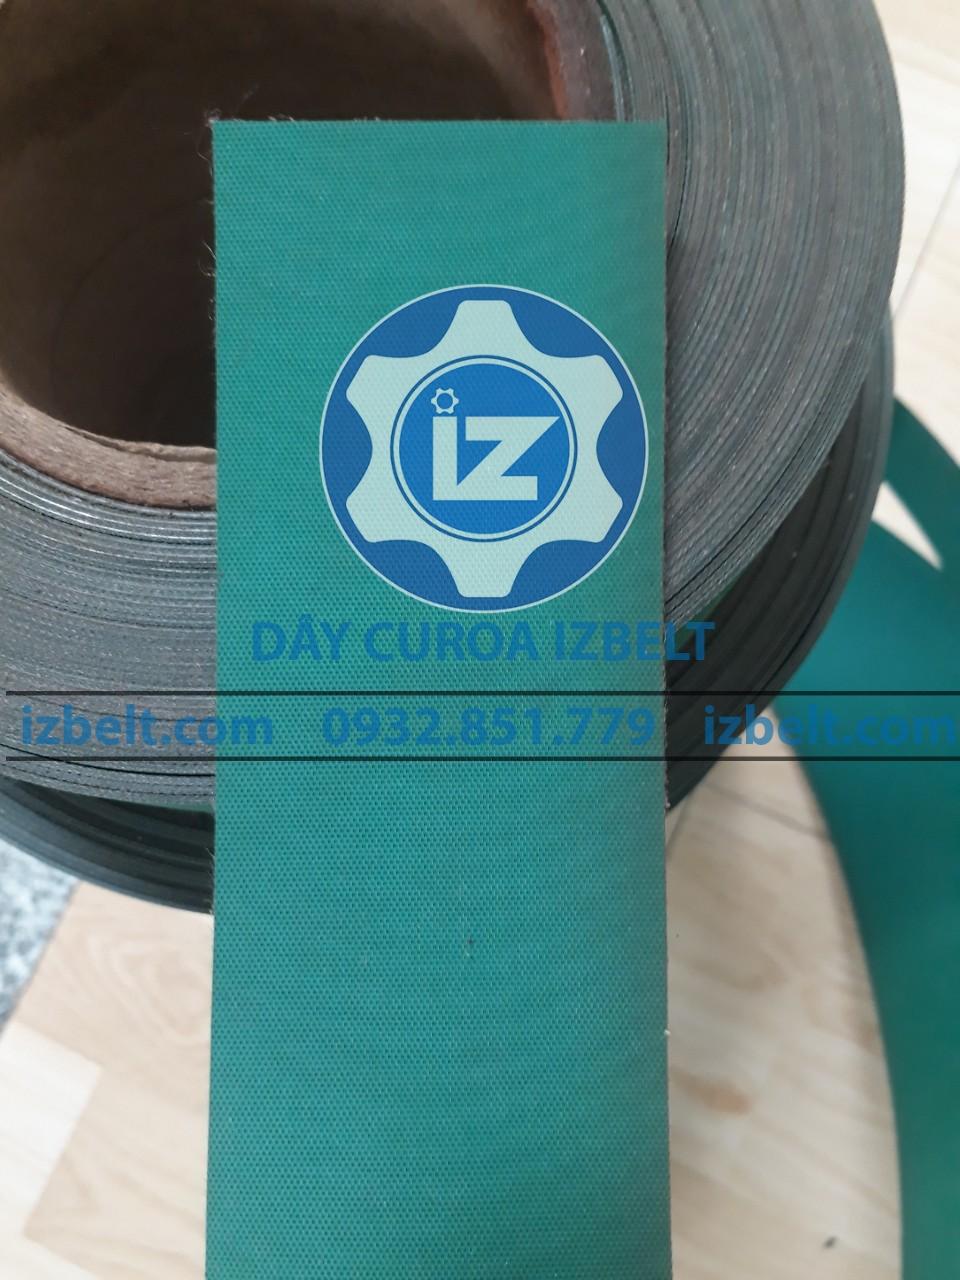 day-đai-sampla-2-mat-xanh-1.1mm